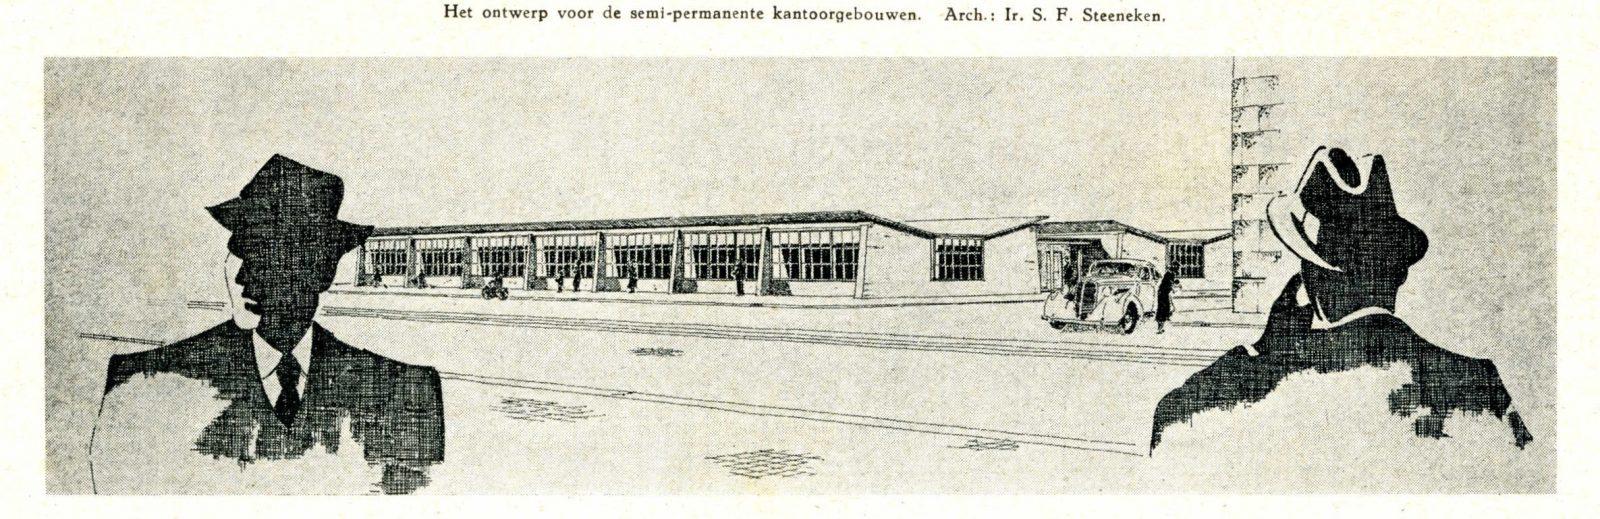 Noodkantoren Blaak Maasstad 1949 janfeb